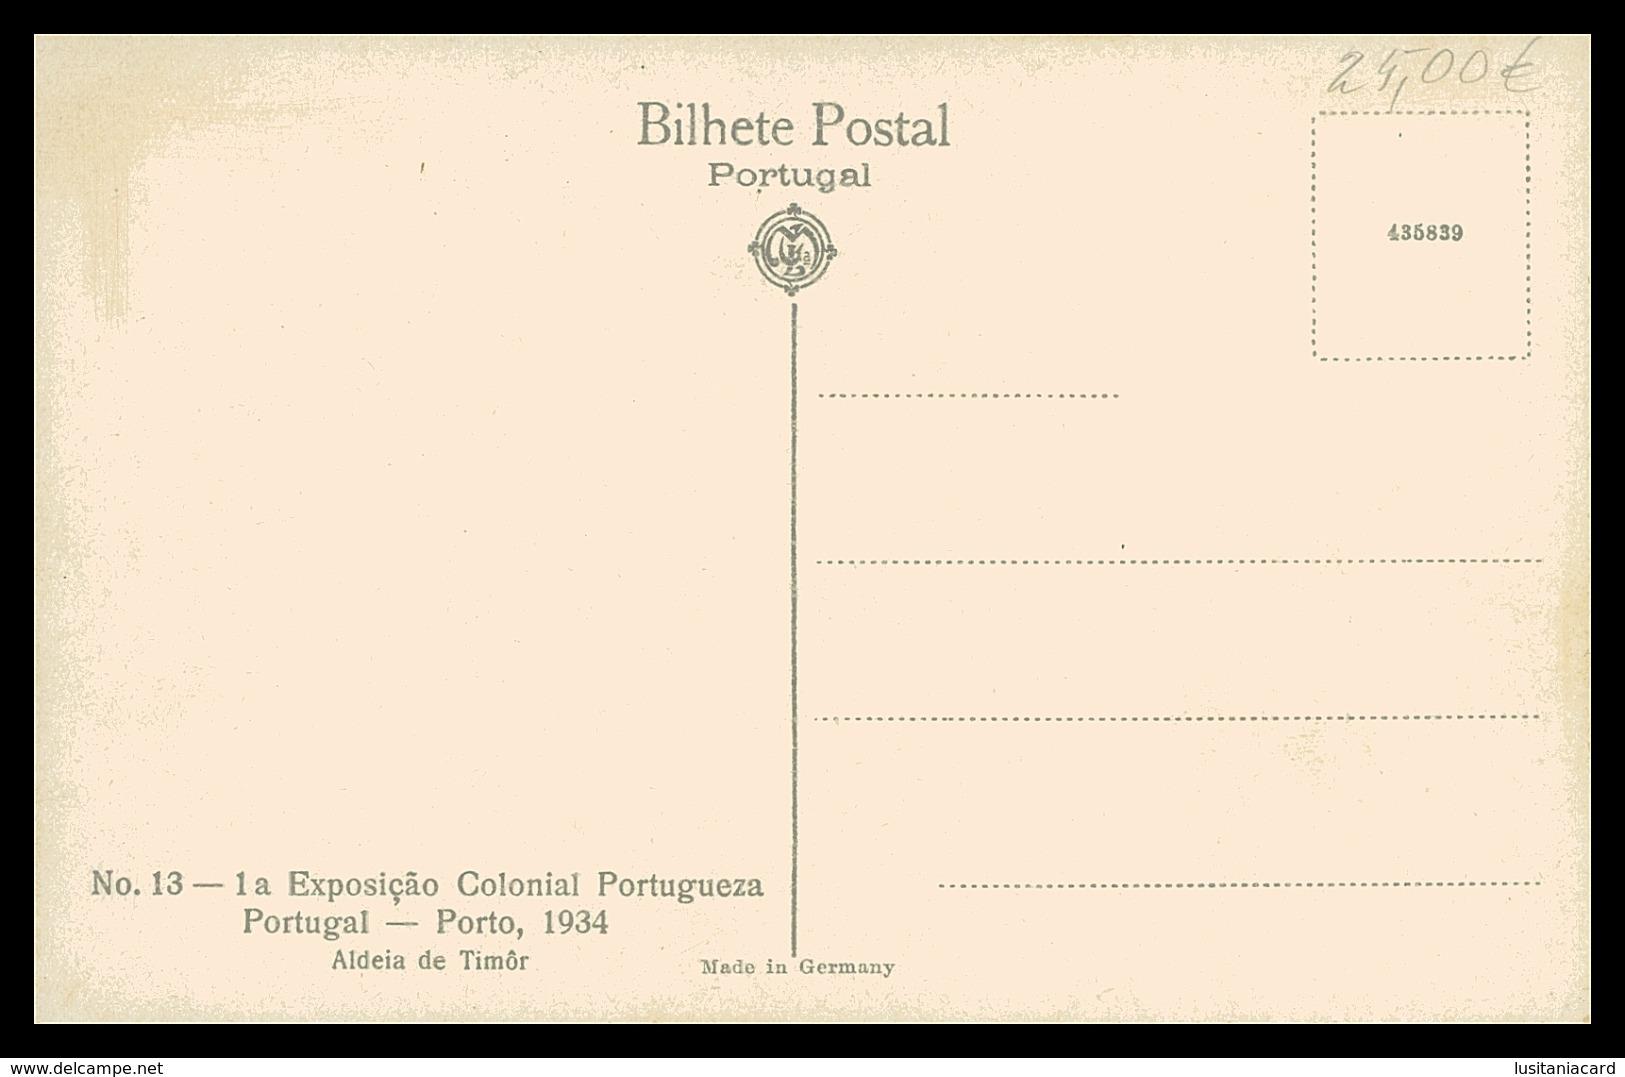 TIMOR - EXPOSIÇÕES -  1ª Exposição Colonial Portuguesa. (Nº 13)   Carte Postale - Timor Oriental